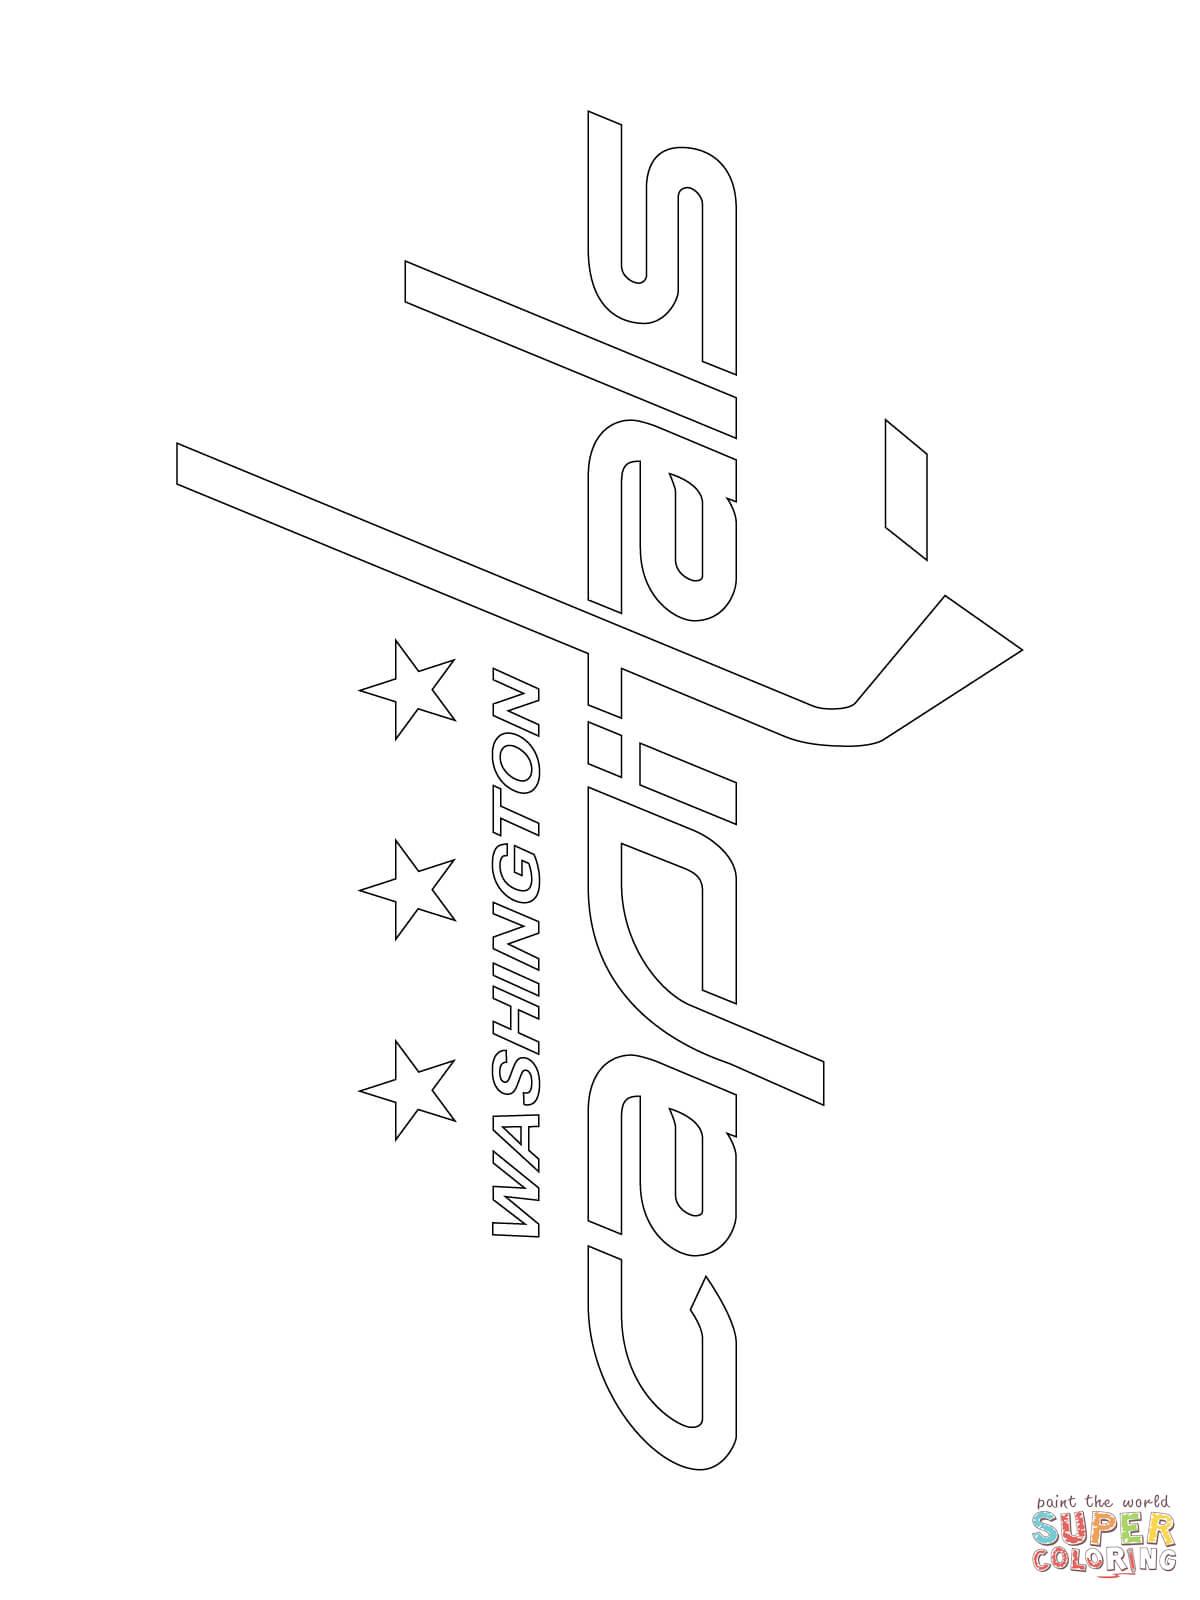 Washington Capitals Logo Coloring Page